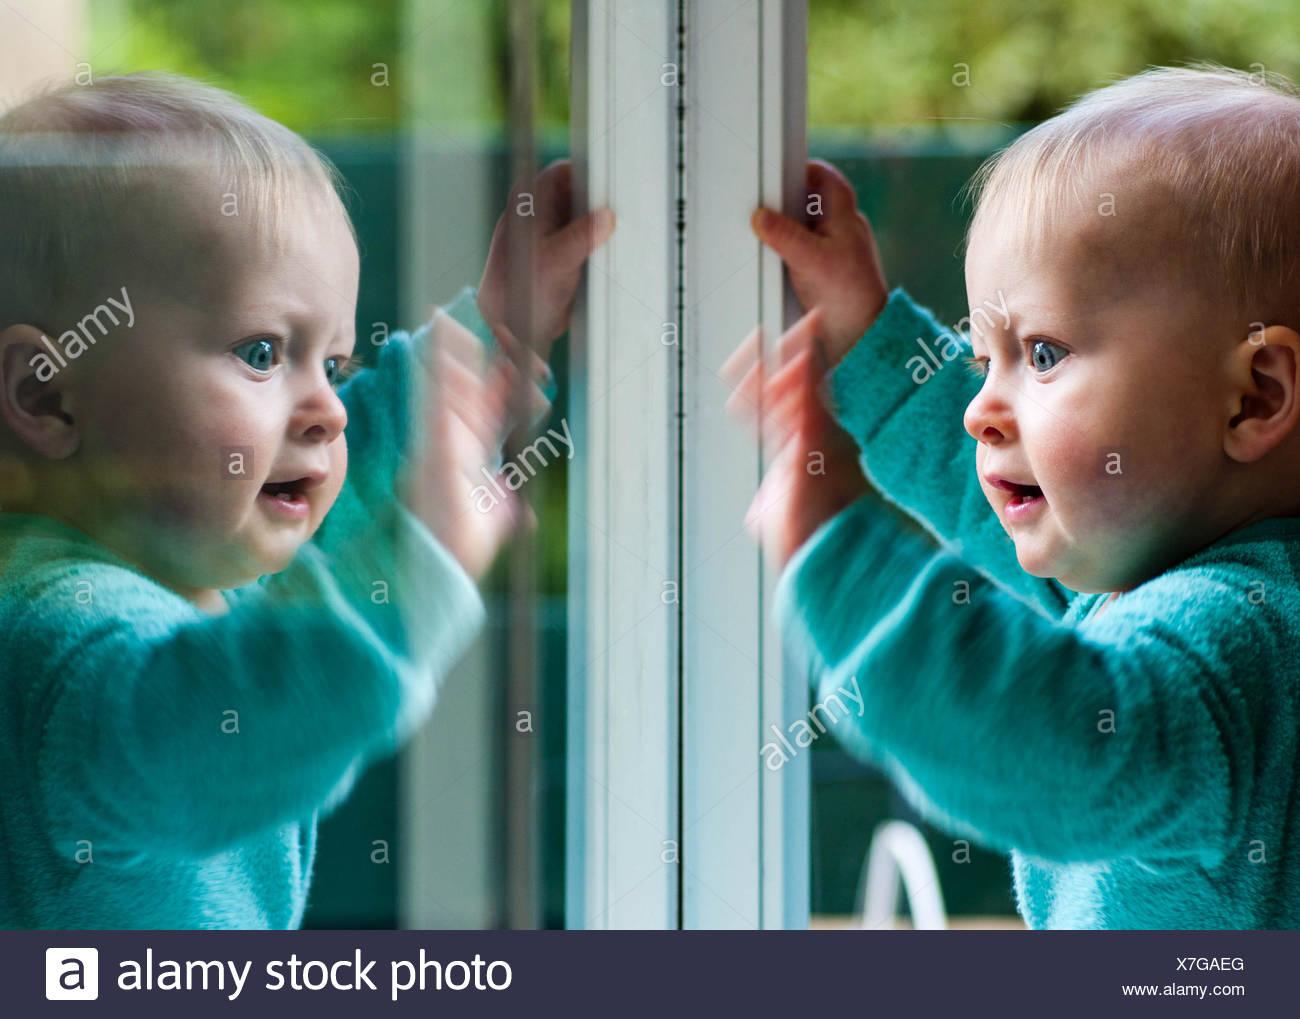 Bébé Garçon jouant avec son reflet dans la fenêtre Photo Stock